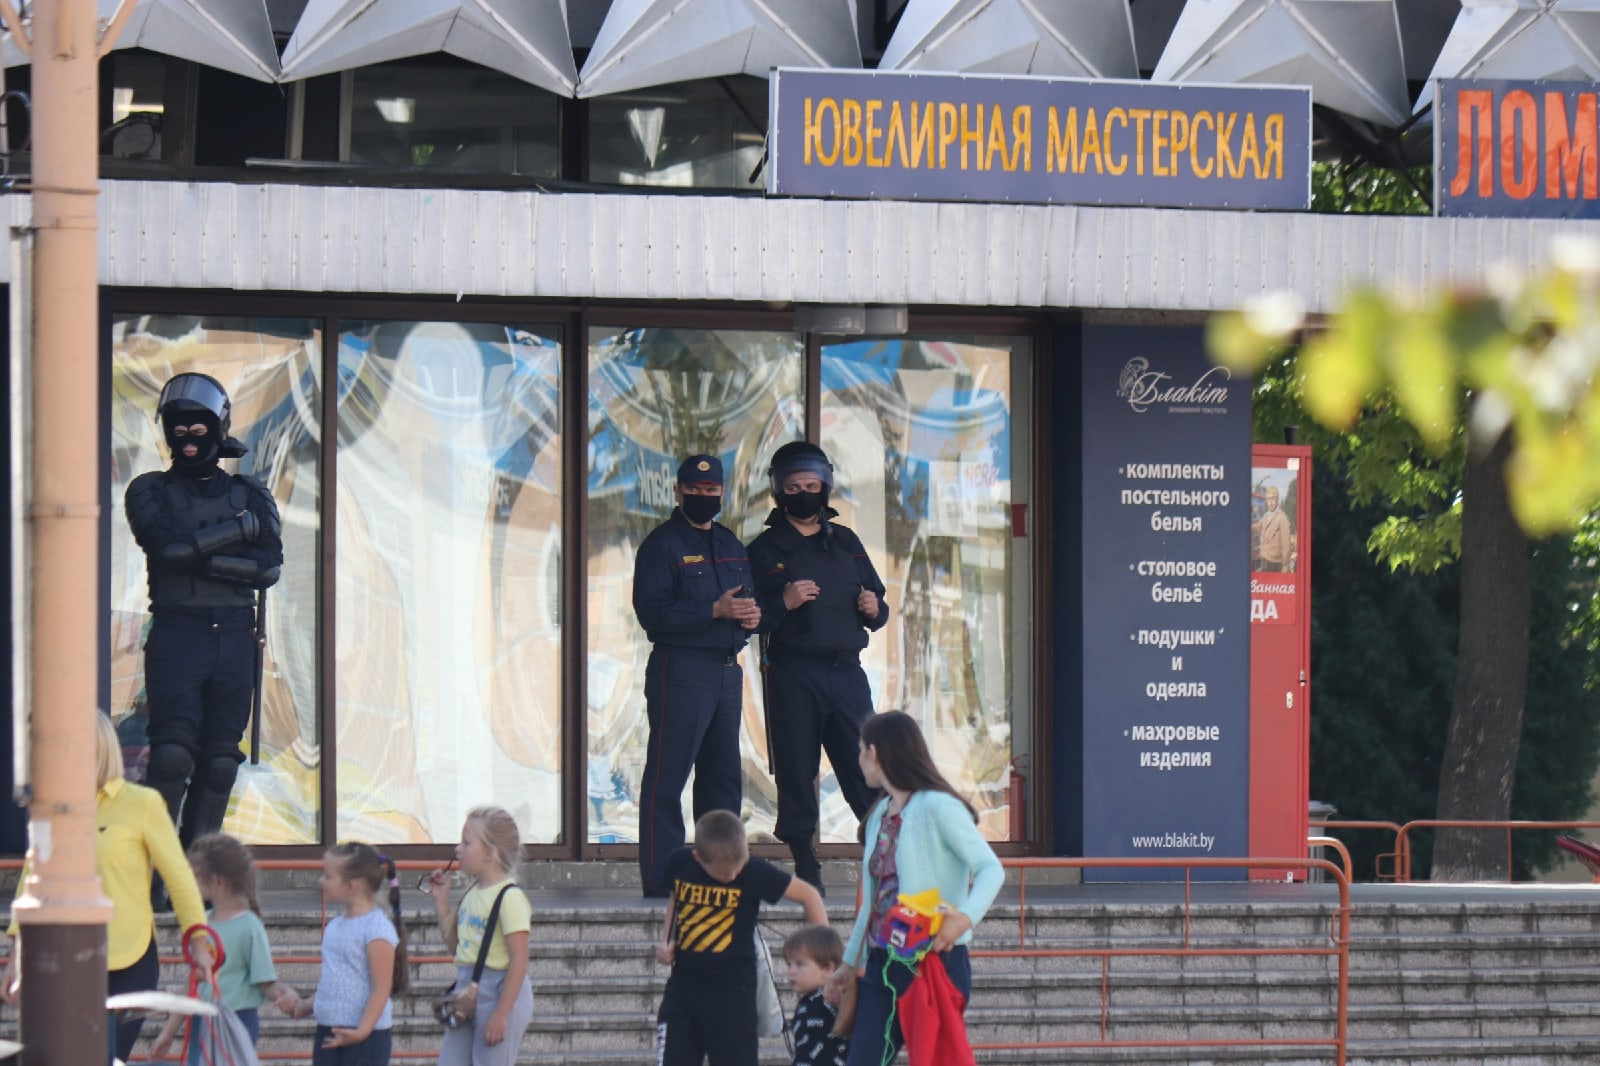 Площадь 20 сентября. Фото: Андрей БОЛКО